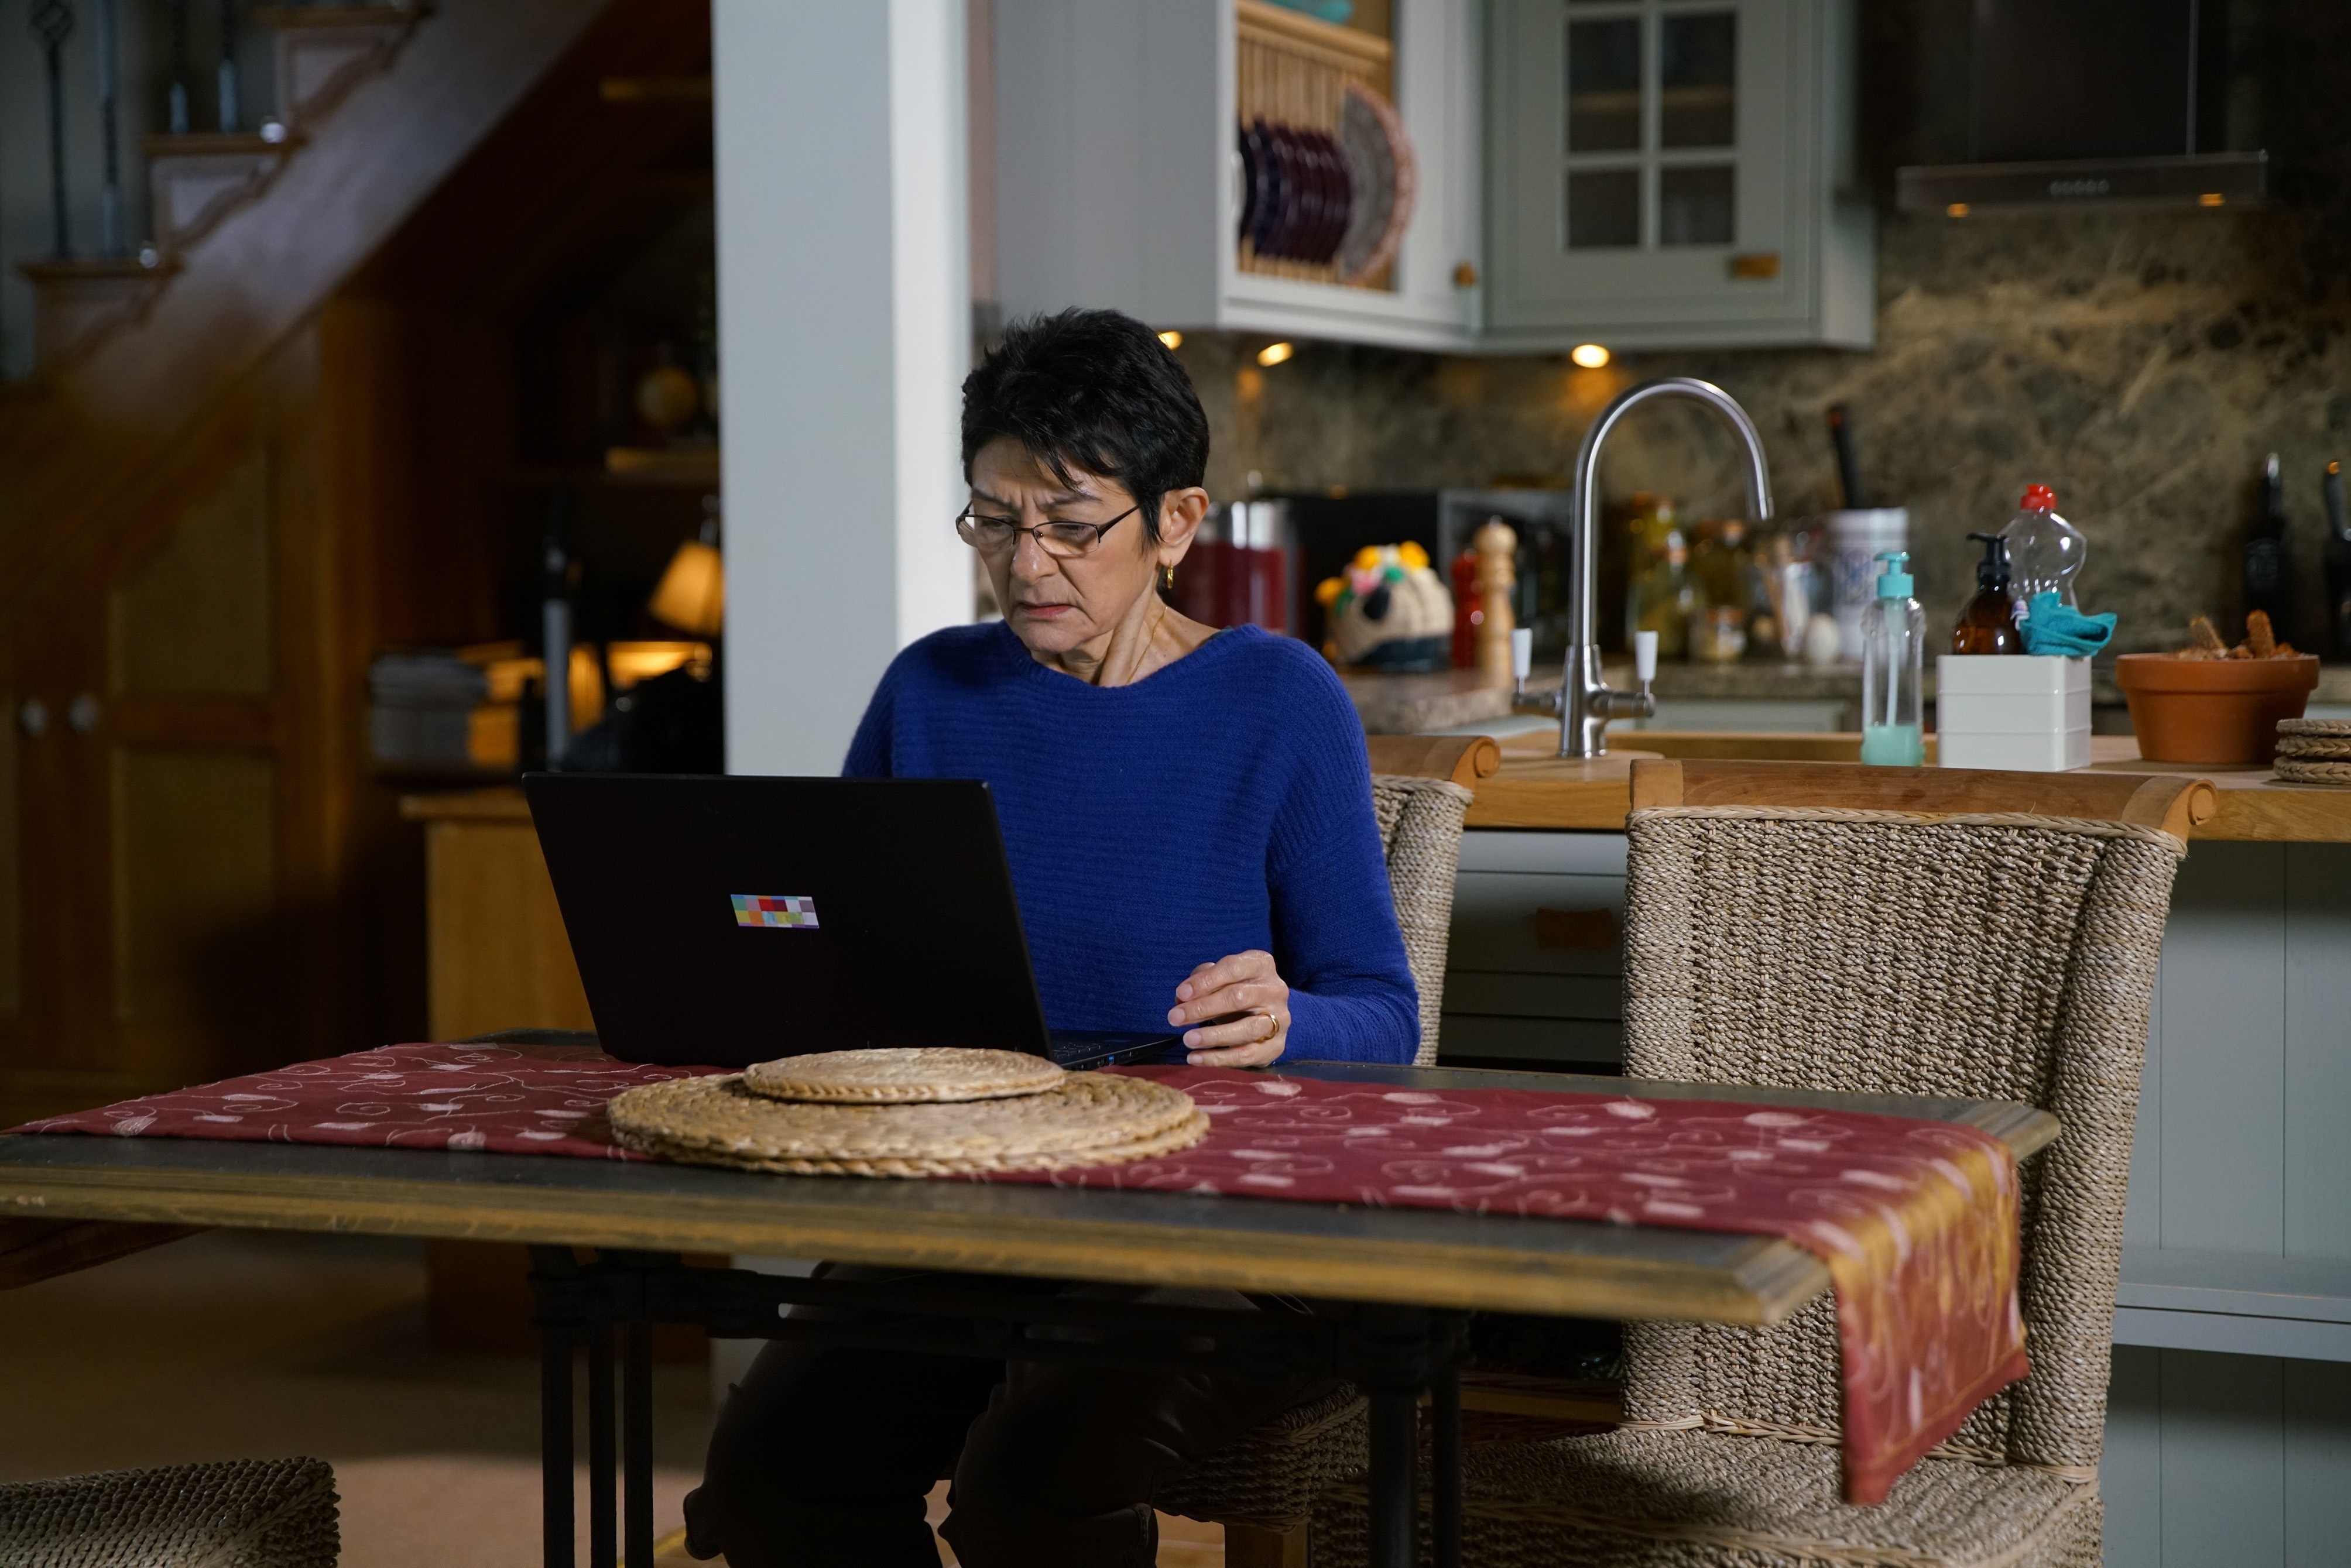 Coronation Street spoilers: Yasmeen Nazir discovers Geoff Metcalfe's huge lie as he threatens Alya?